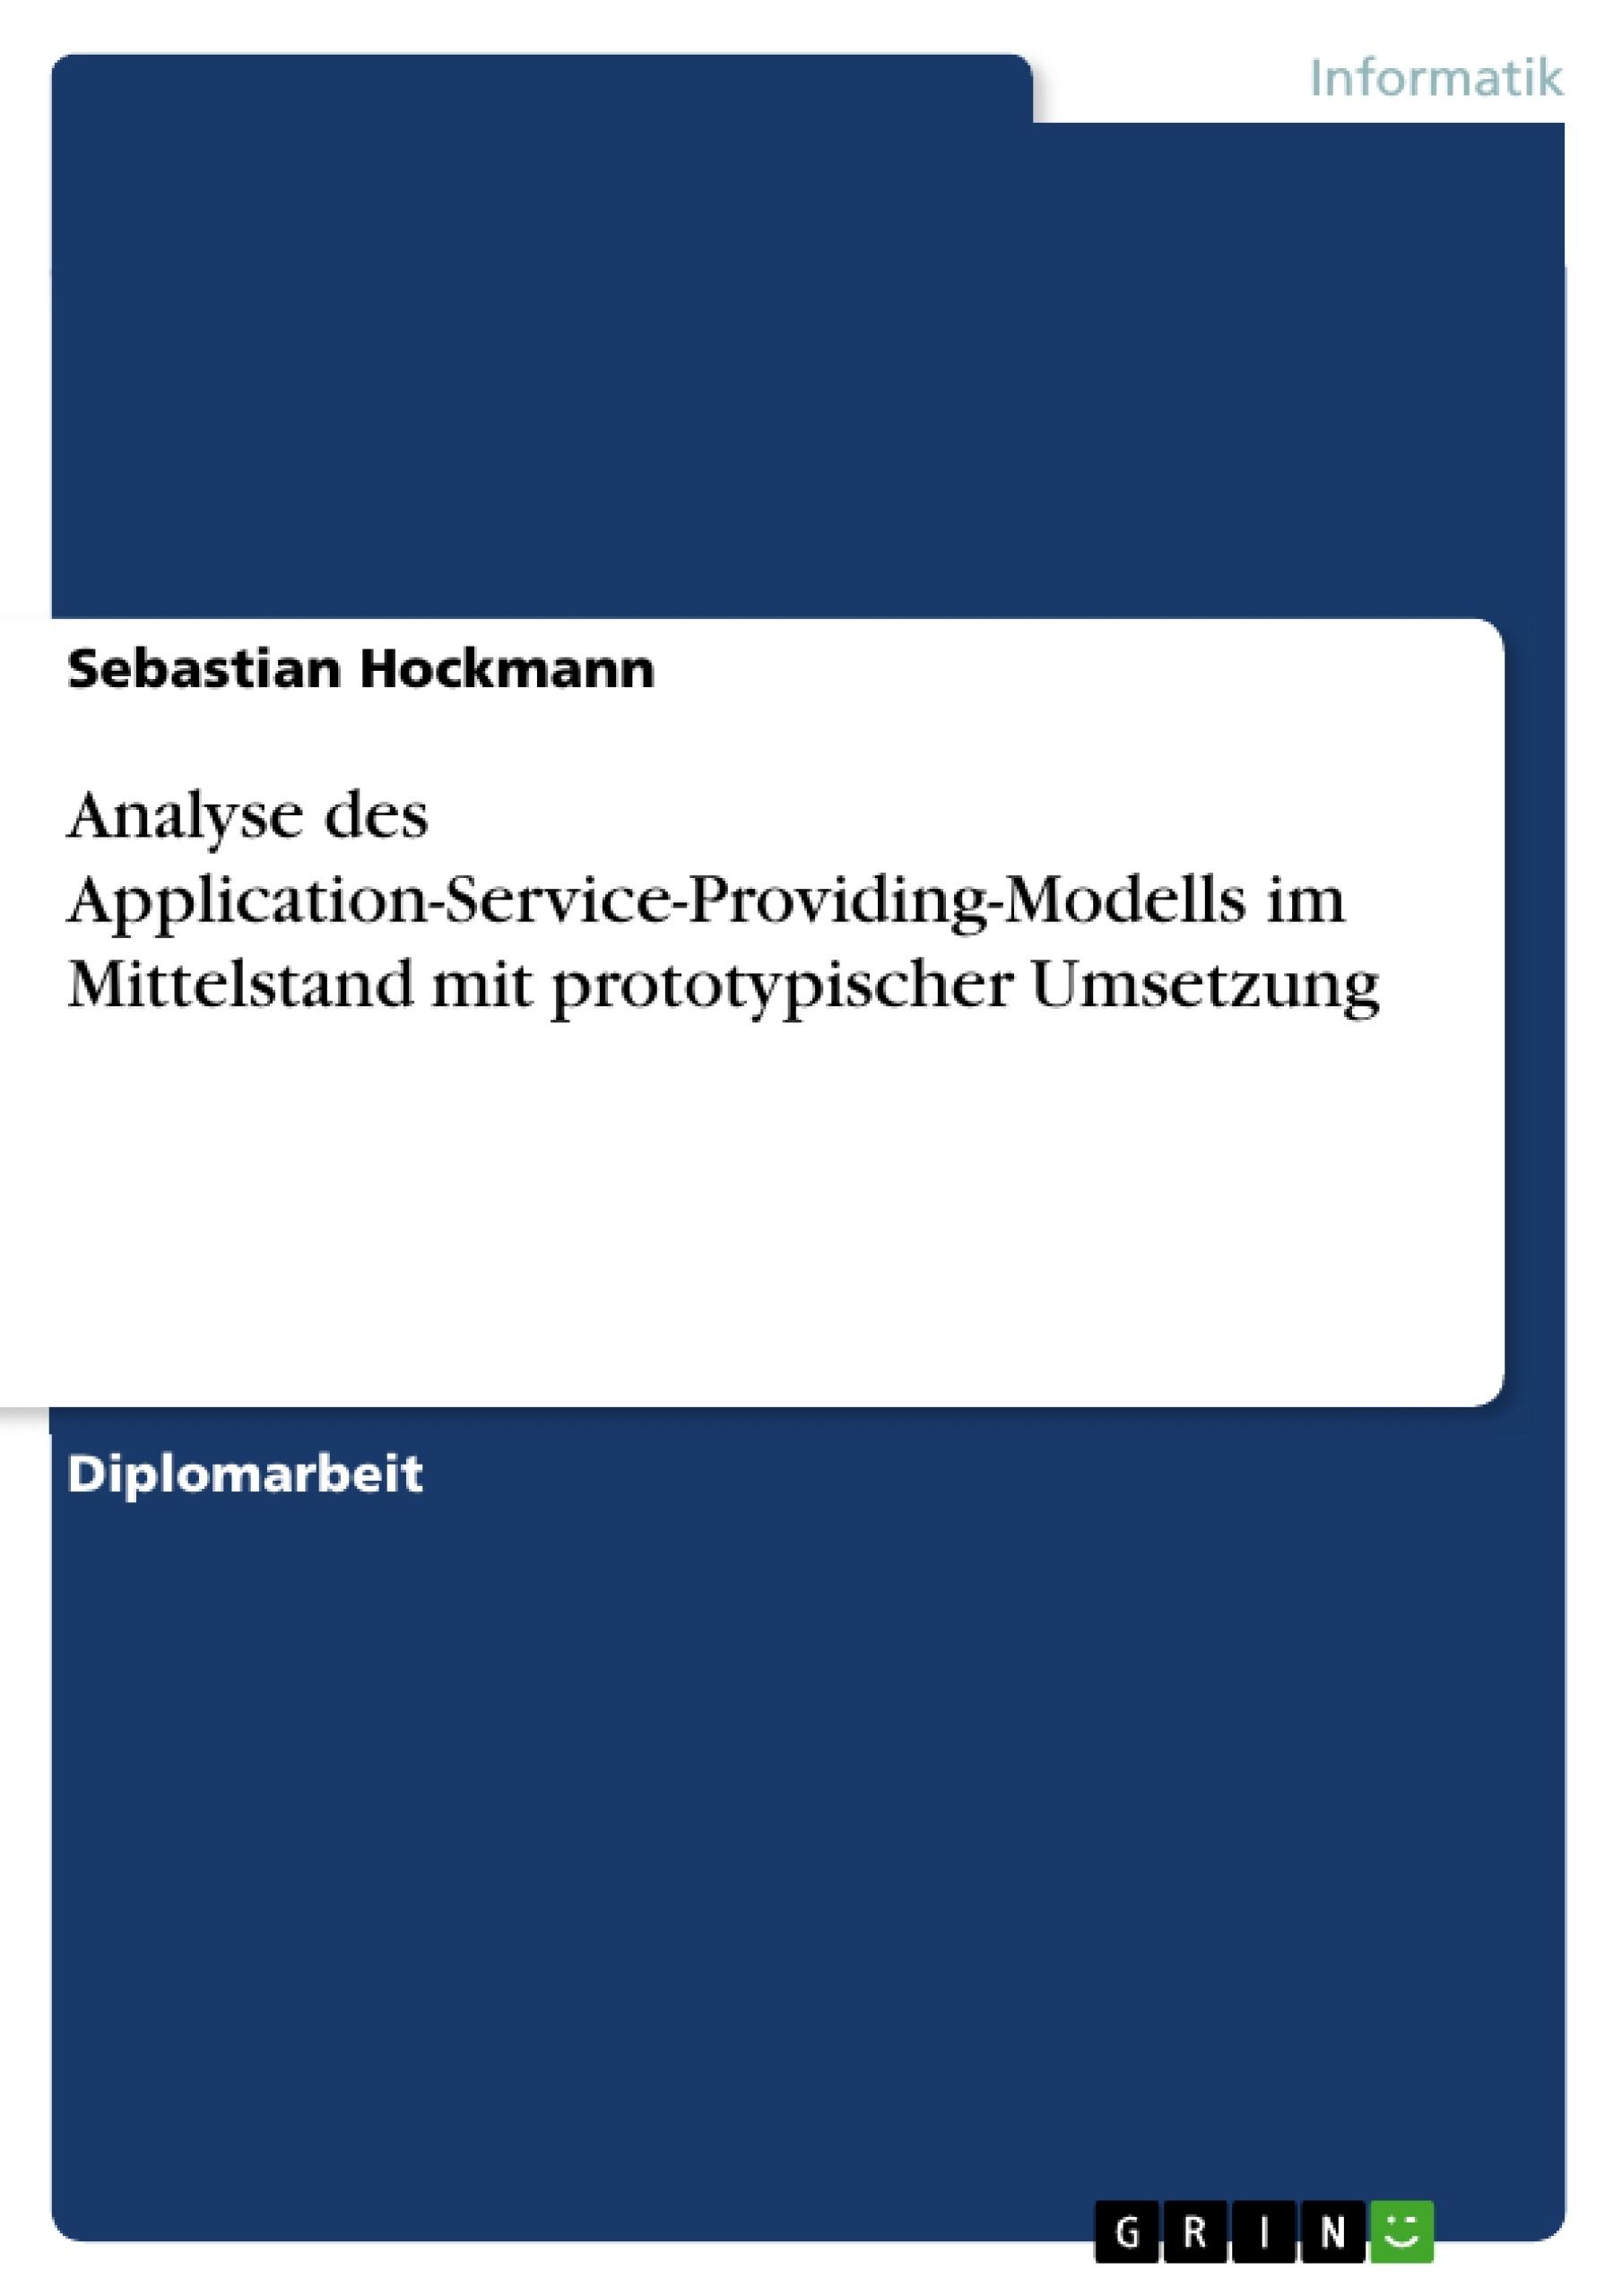 Titel: Analyse des  Application-Service-Providing-Modells im Mittelstand mit prototypischer Umsetzung